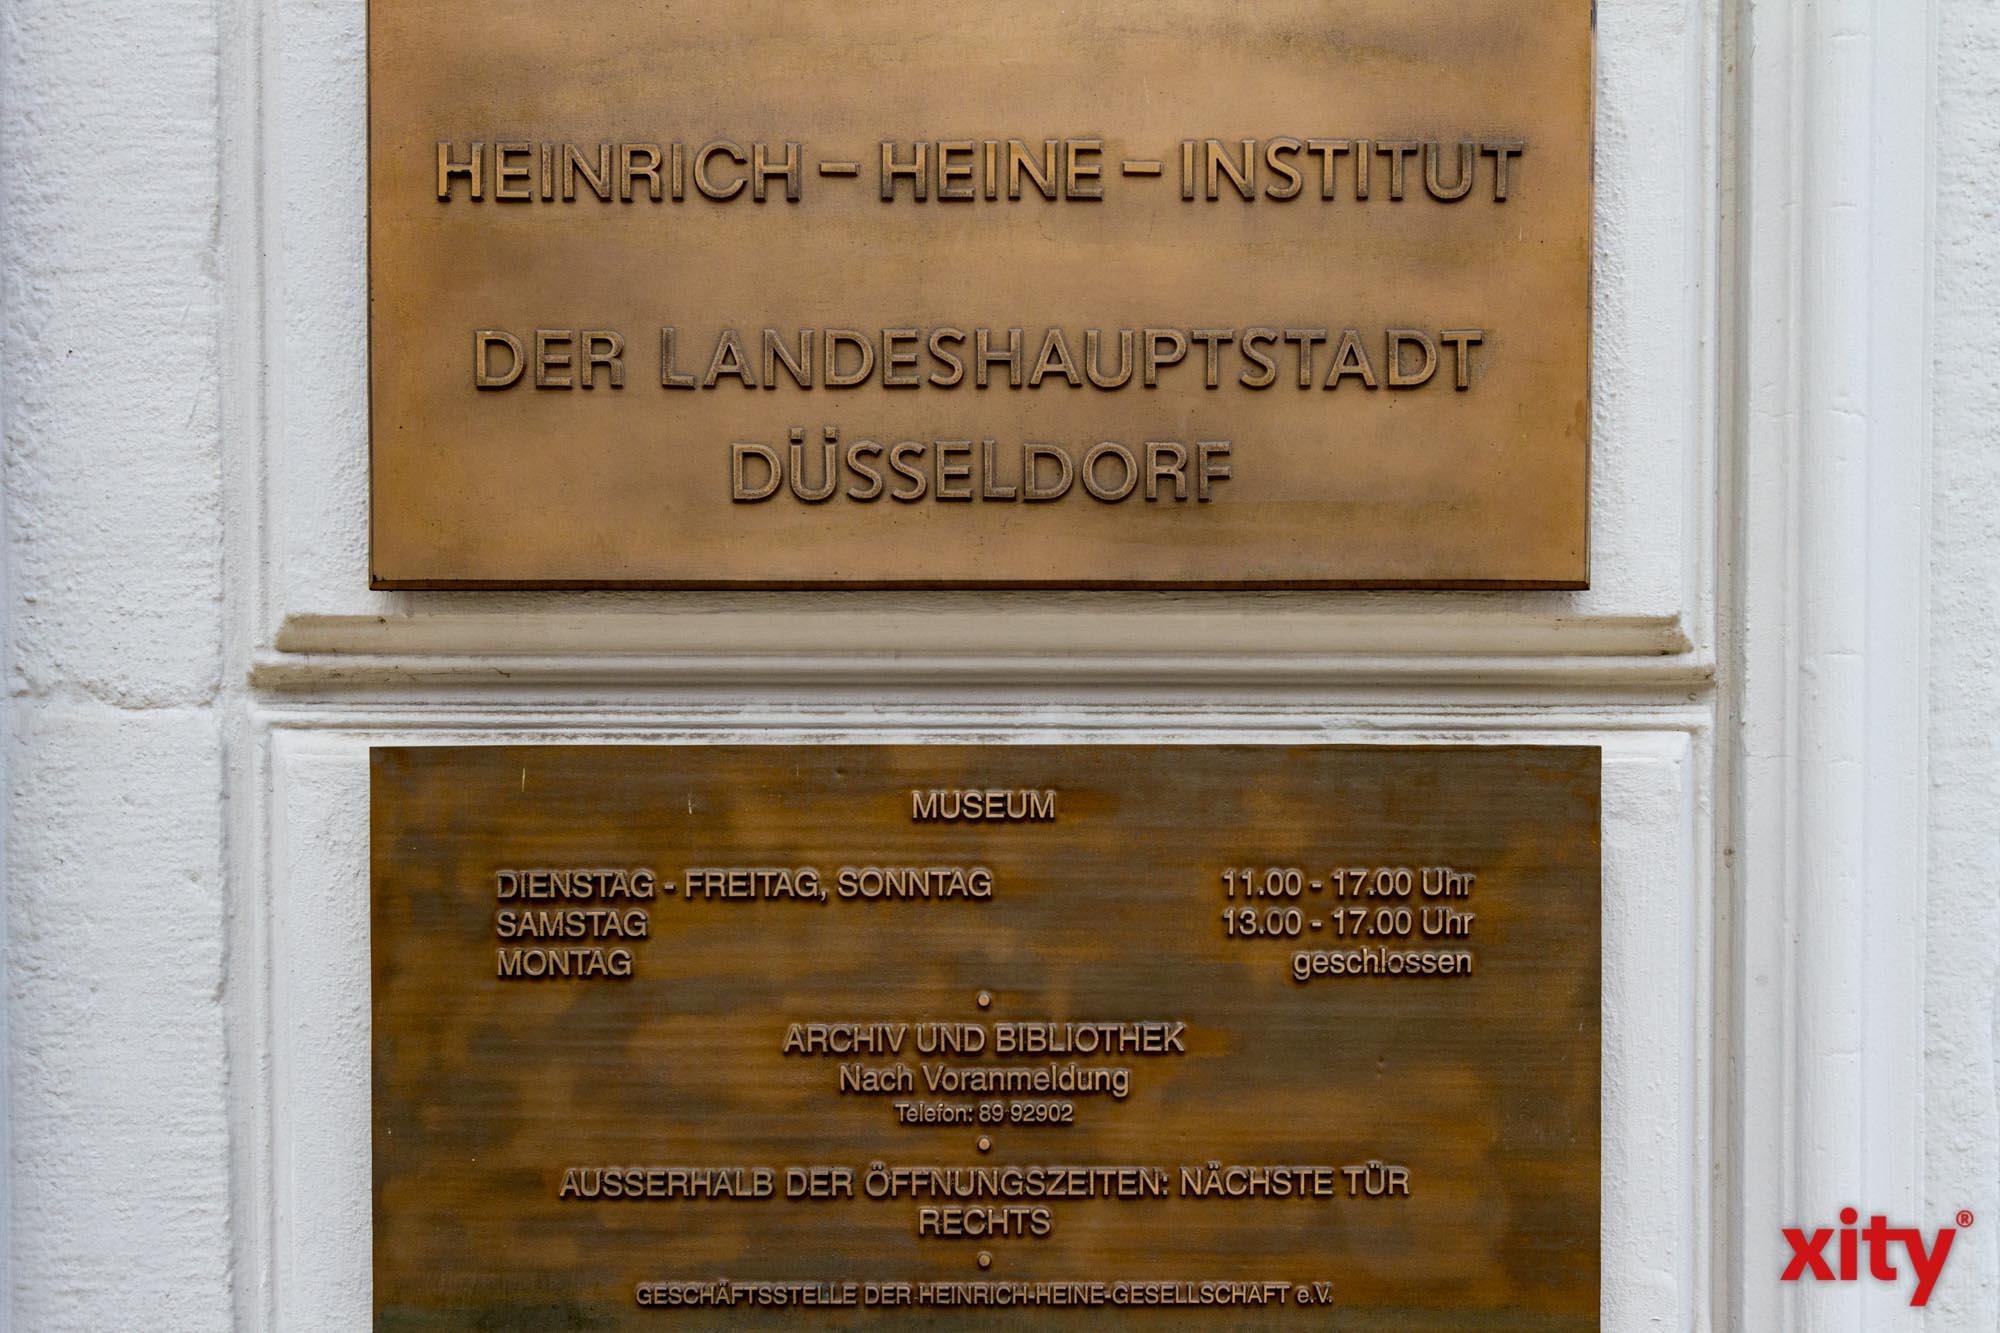 Heinrich-Heine-Institut Düsseldorf stellt neuen Podcast vor (Foto: xity)